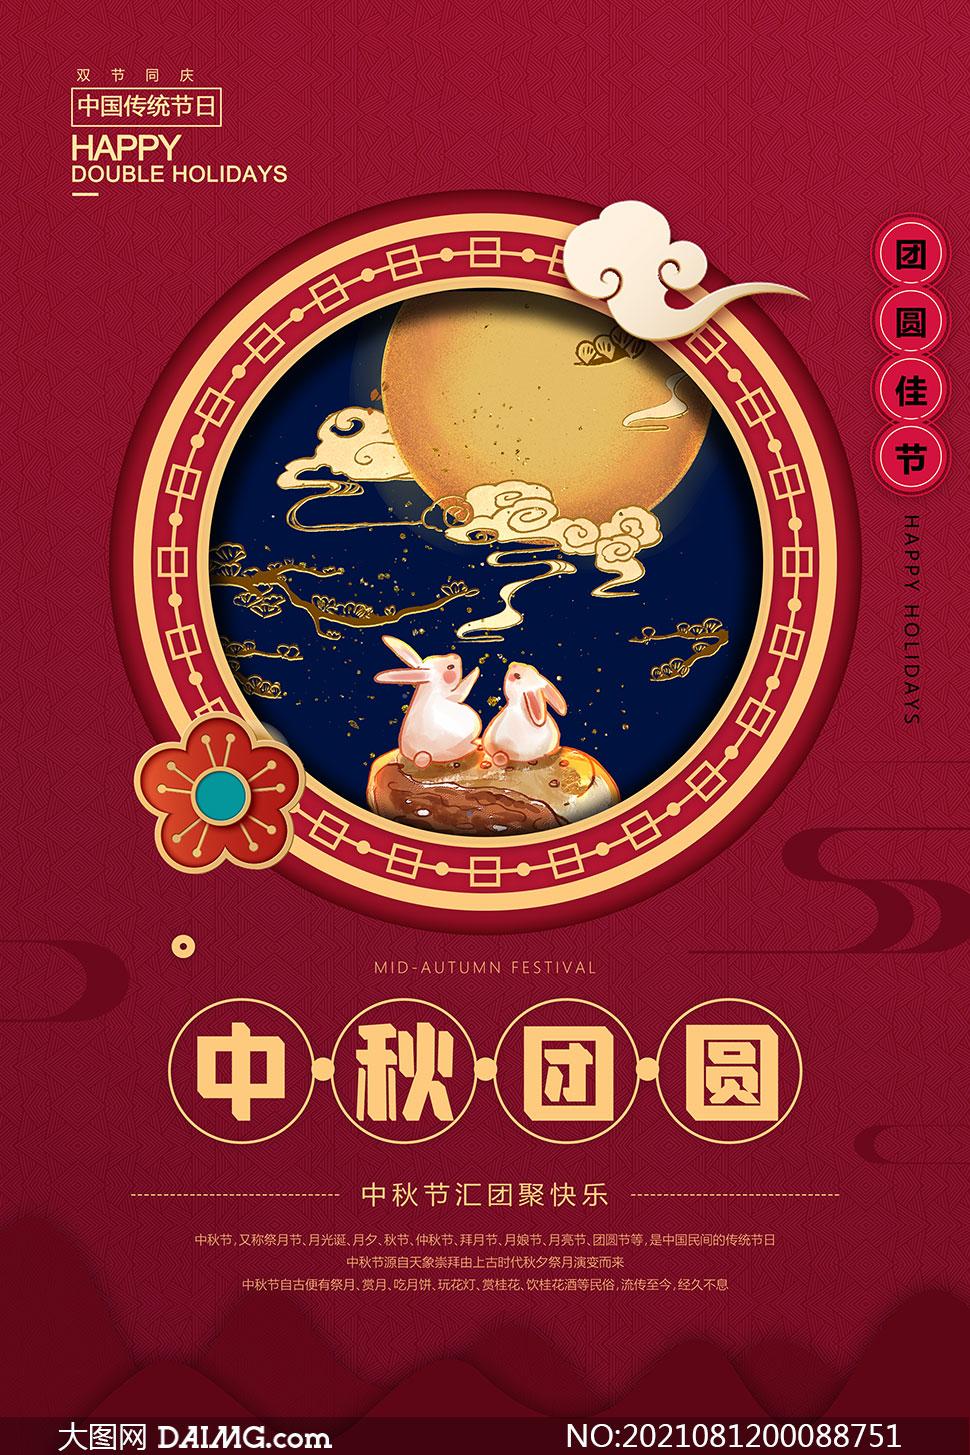 中式主題中秋節活動海報設計PSD素材